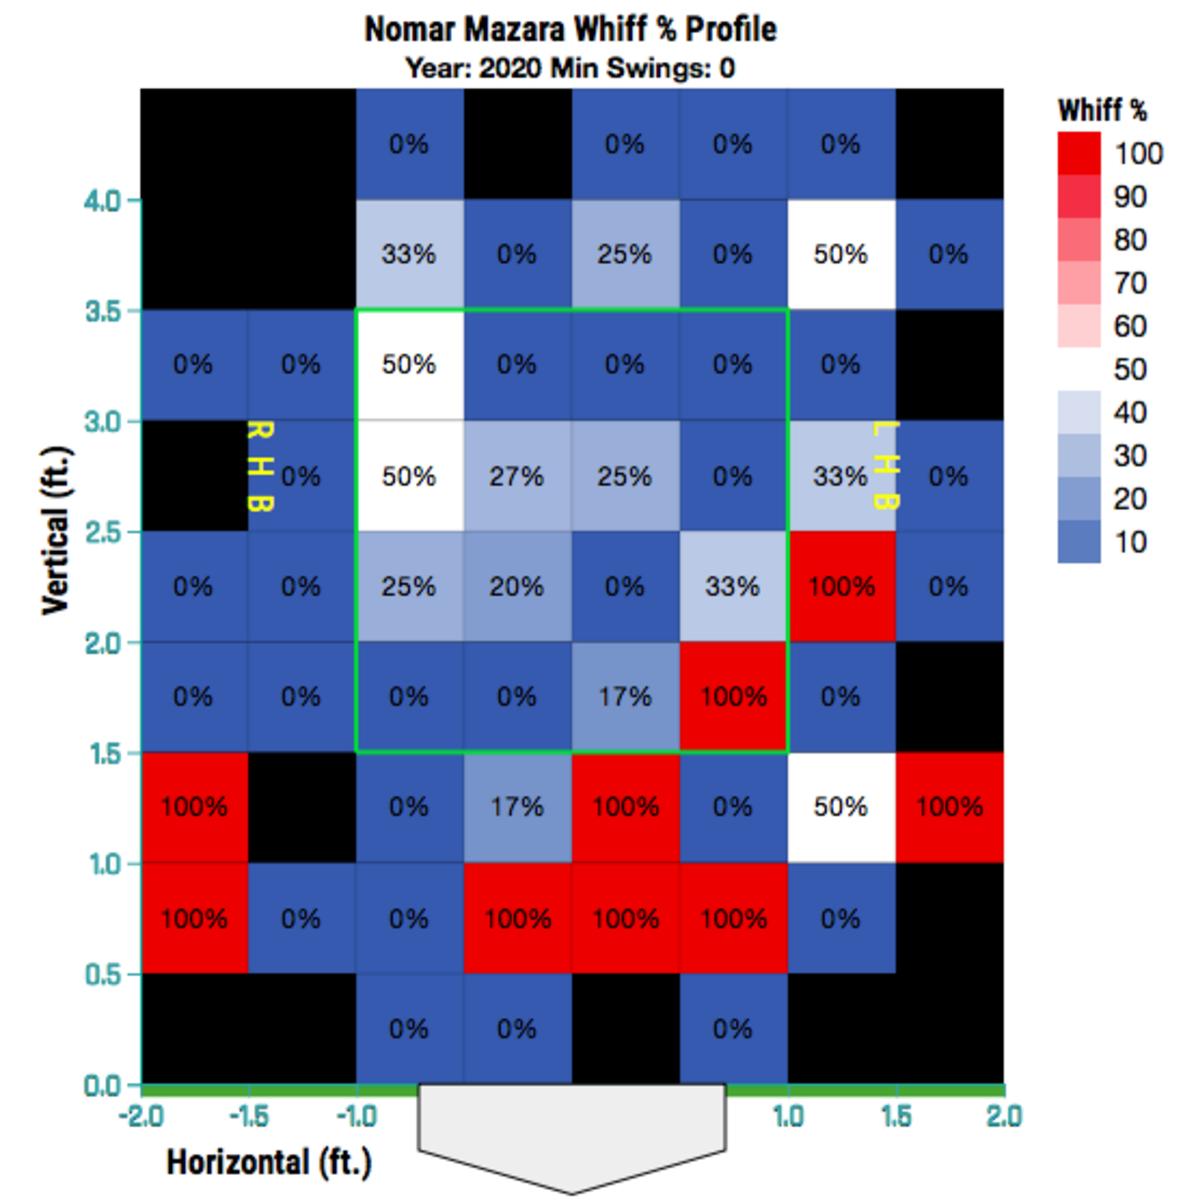 Mazara's 2020 Whiff% zone chart